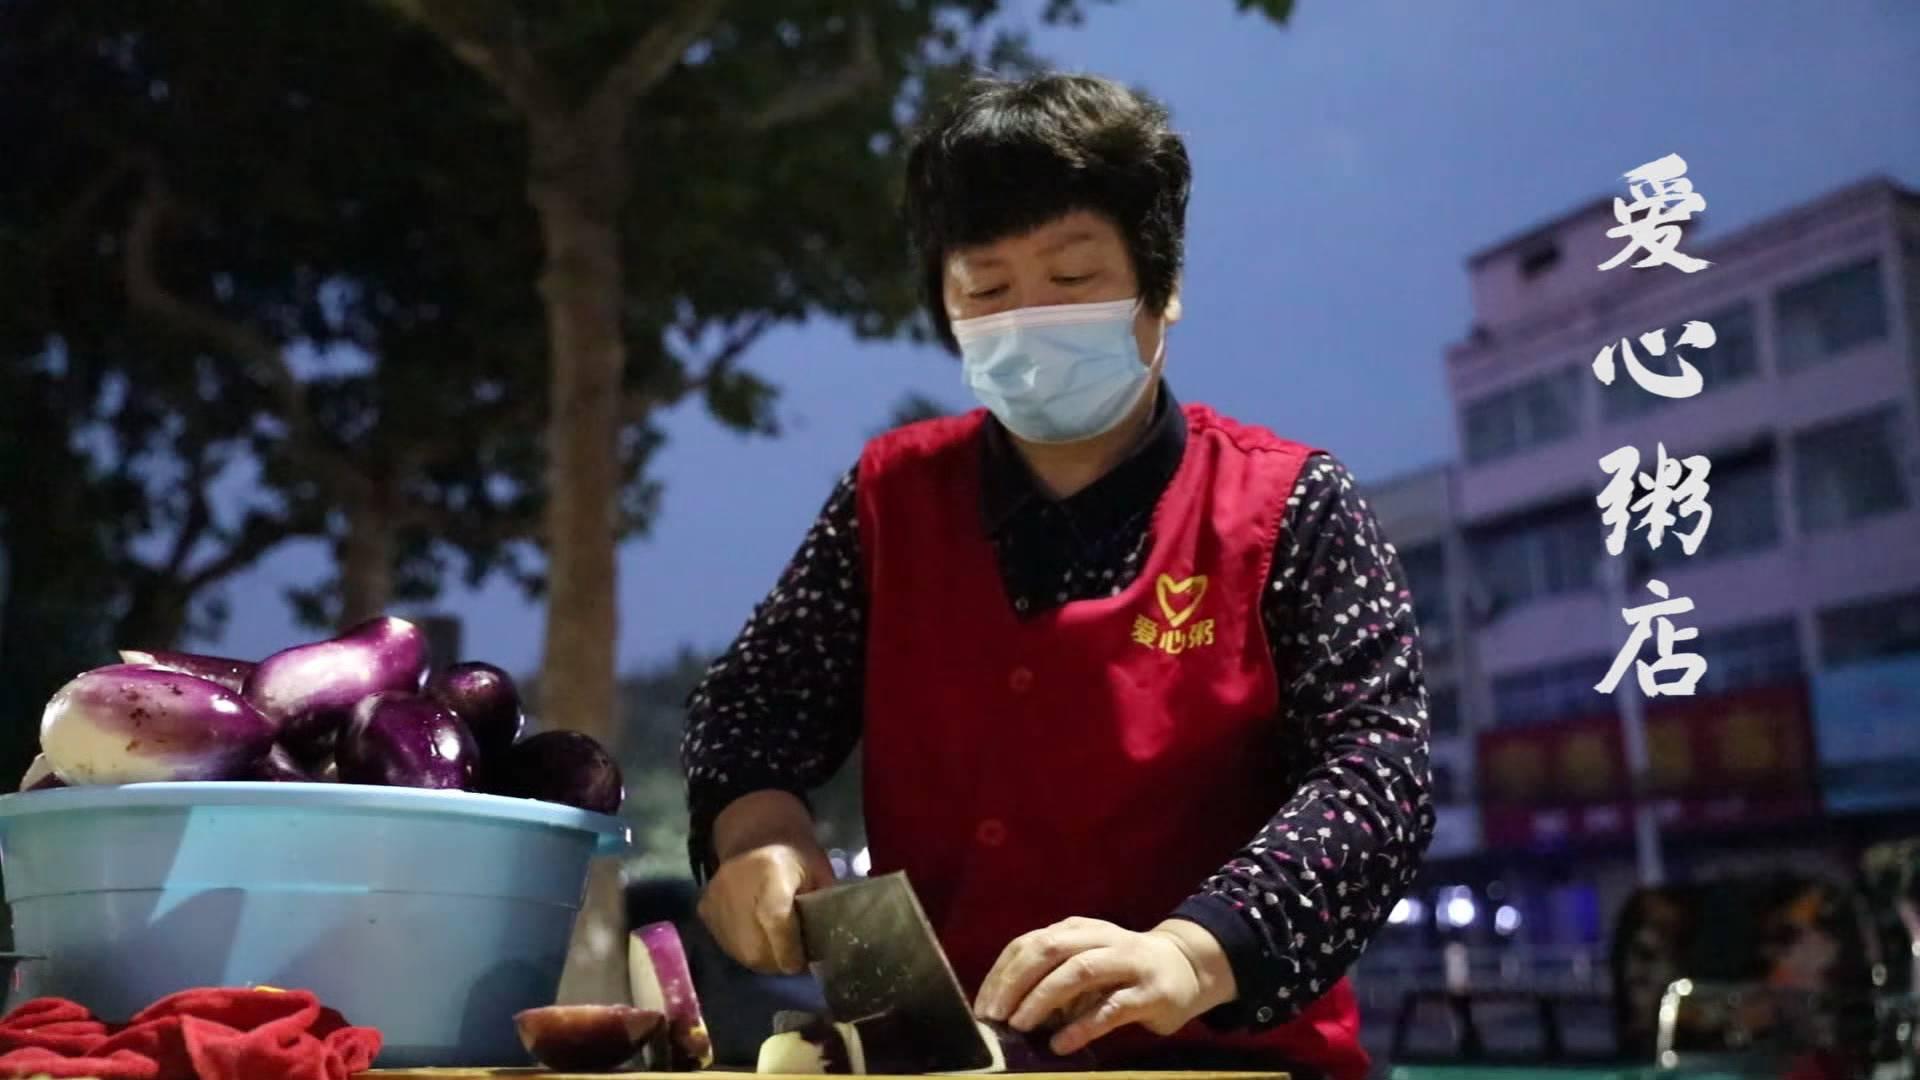 暖心又暖胃!菏泽郓城爱心粥店为环卫工免费提供四年早餐